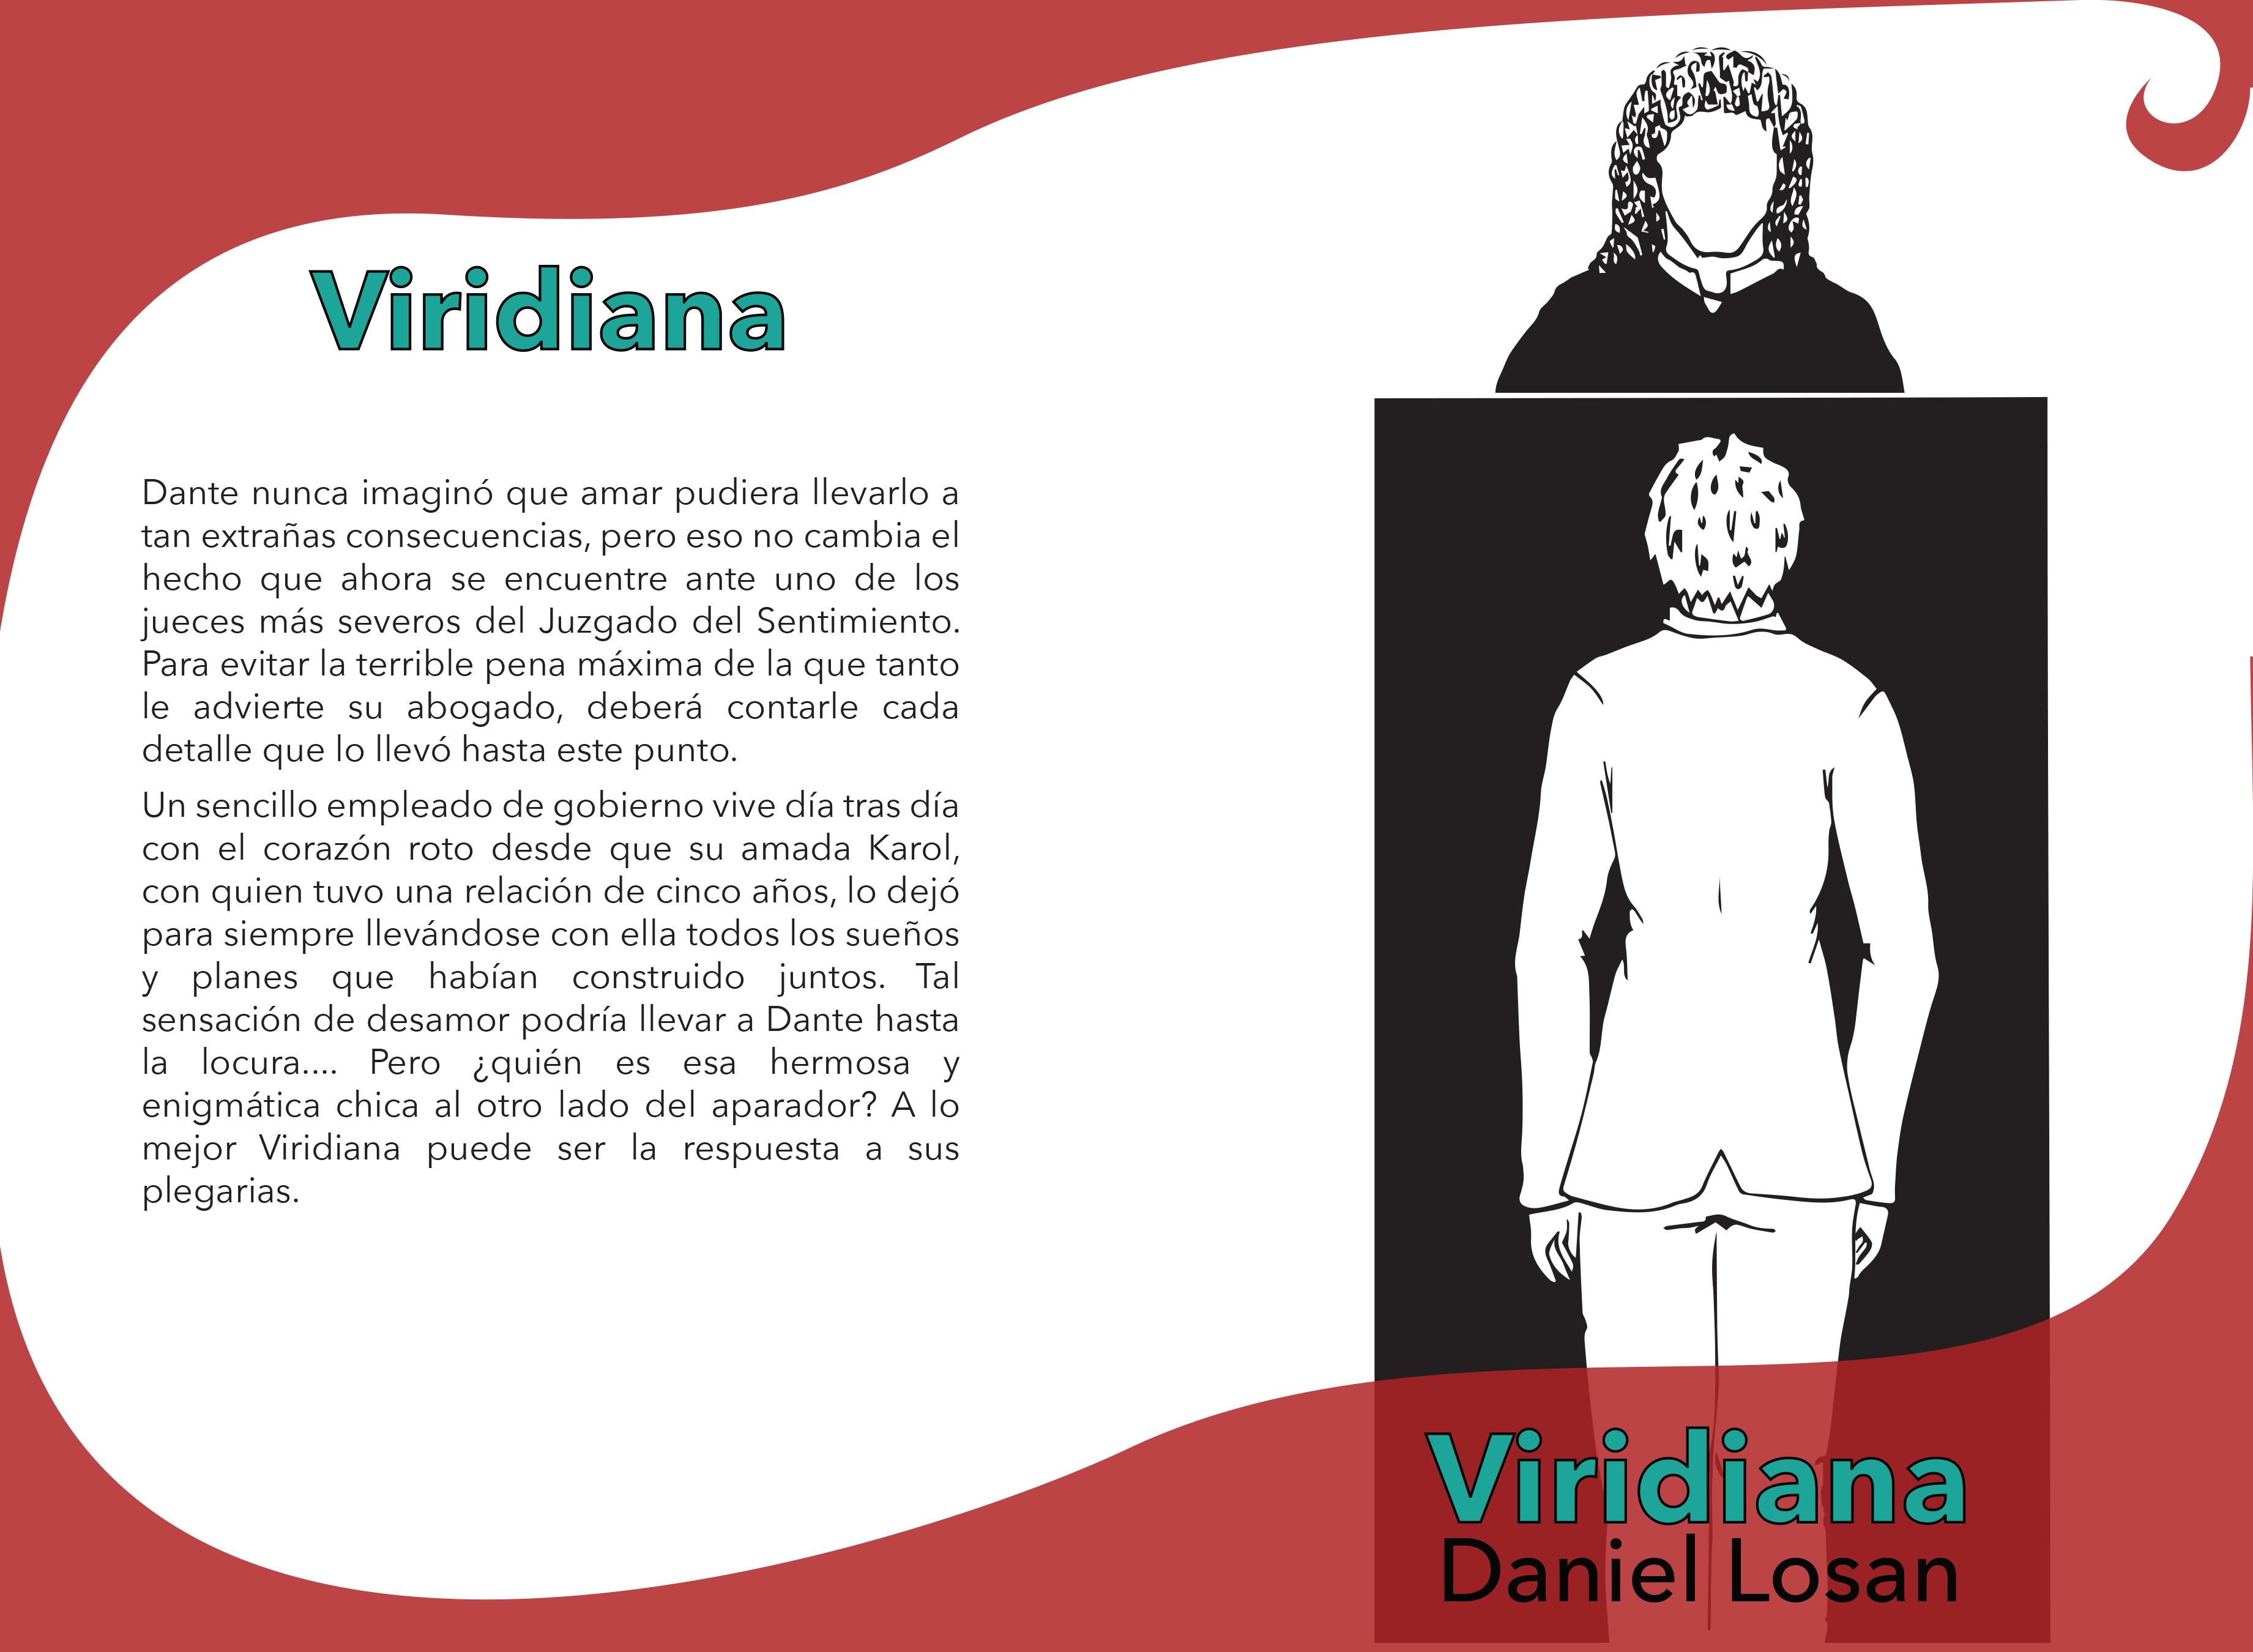 presentación de viridiana